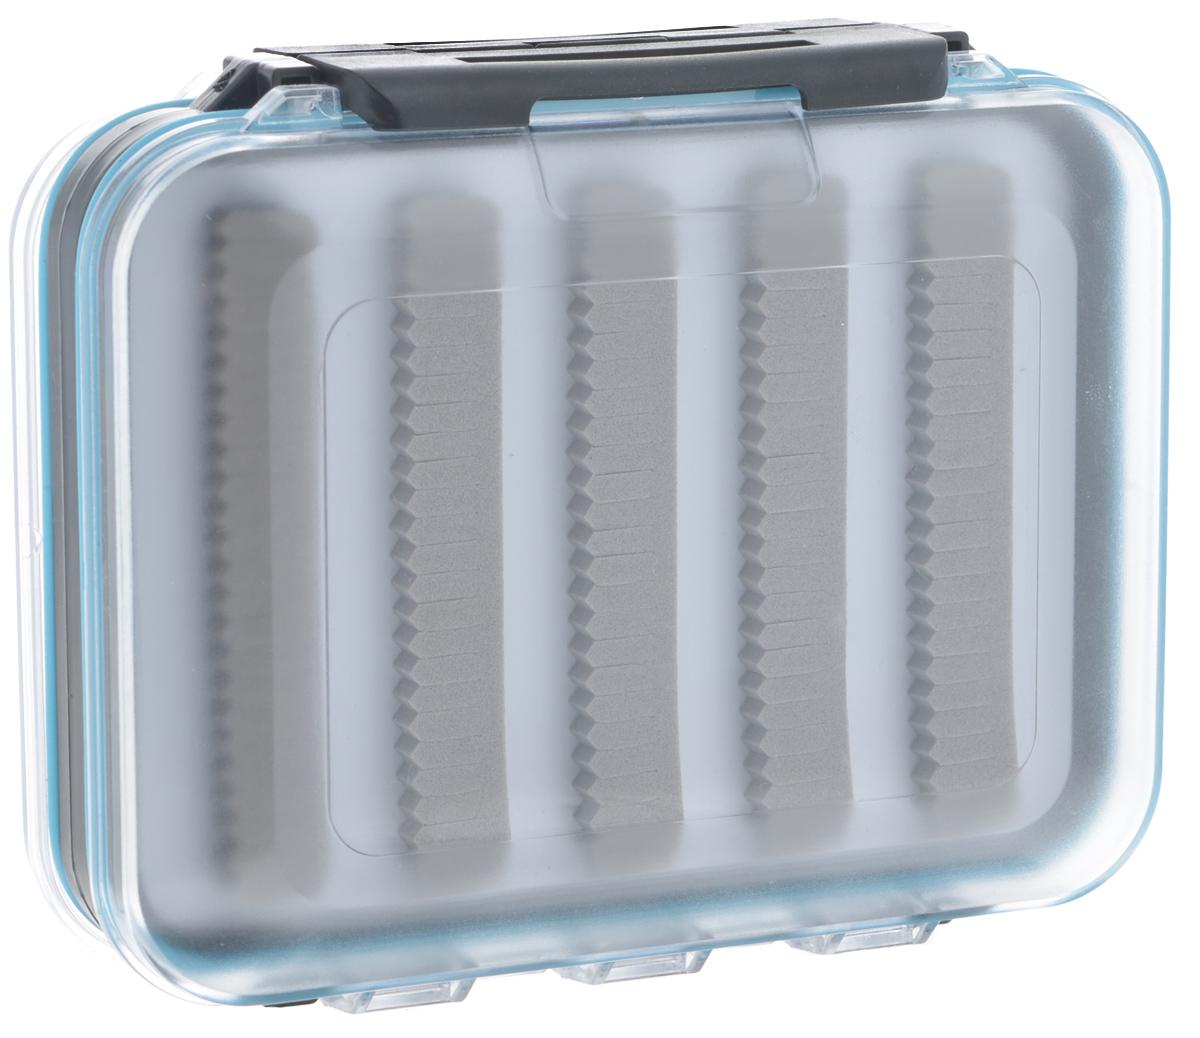 Коробка для приманок Salmo Ice Lure Special 03, 12,5 см х 10,5 см х 4,5 смPGPS7797CIS08GBNVДвусторонняя водонепроницаемая коробка Salmo Ice Lure Special 03 оснащена специальными вставками из вспененного материала, позволяющими закреплять приманки (мормышки, балансиры и блесны), не втыкая их в материал, а зажимая в нем крючки. Такая система в разы увеличивает срок службы коробки. Изделие выполнено из высококачественного пластика. Коробка оборудована прочными замками, предотвращающими случайное открывание.